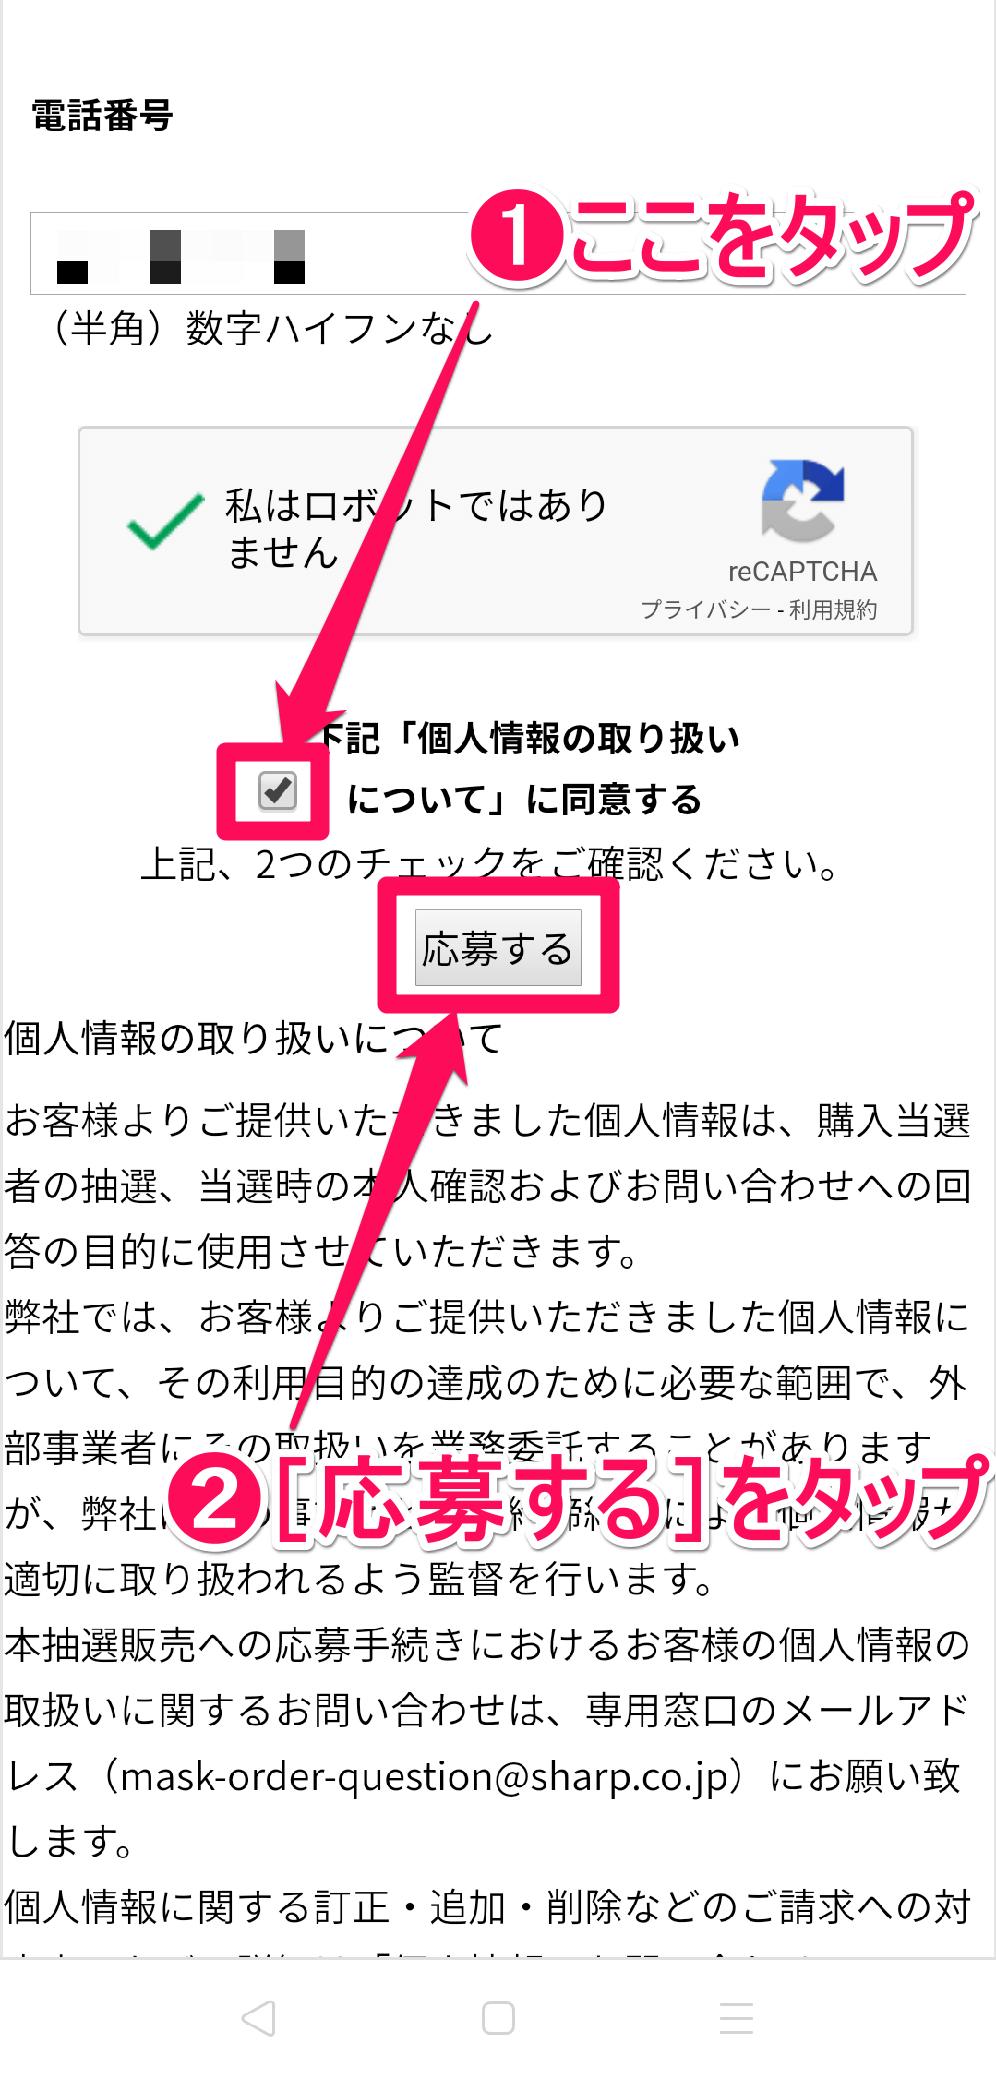 シャープ製マスク「マスク抽選販売 応募手続き」画面その3